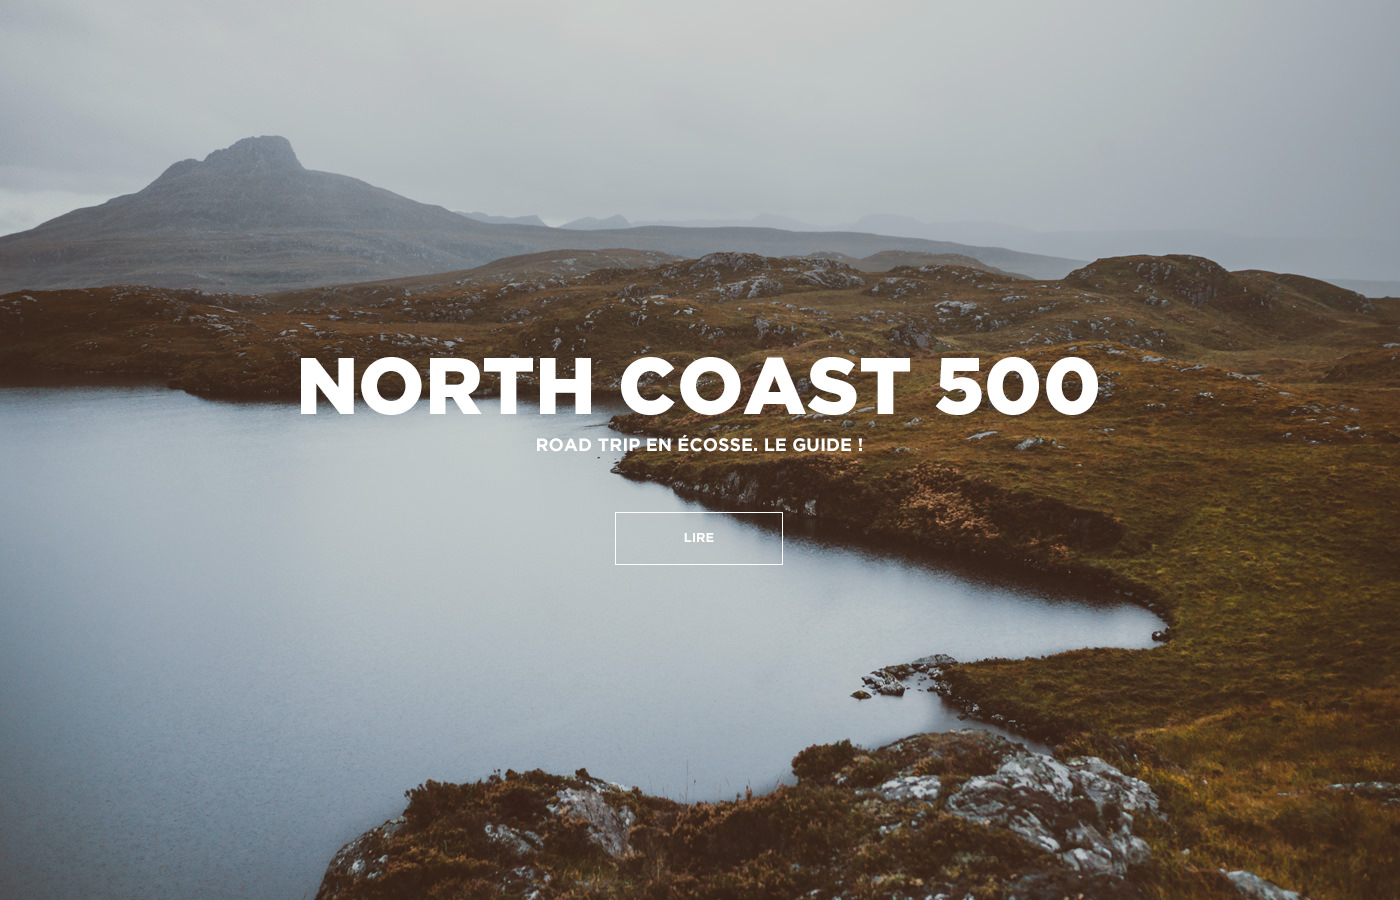 Road trip en Ecosse : North Coast 500, le guide !